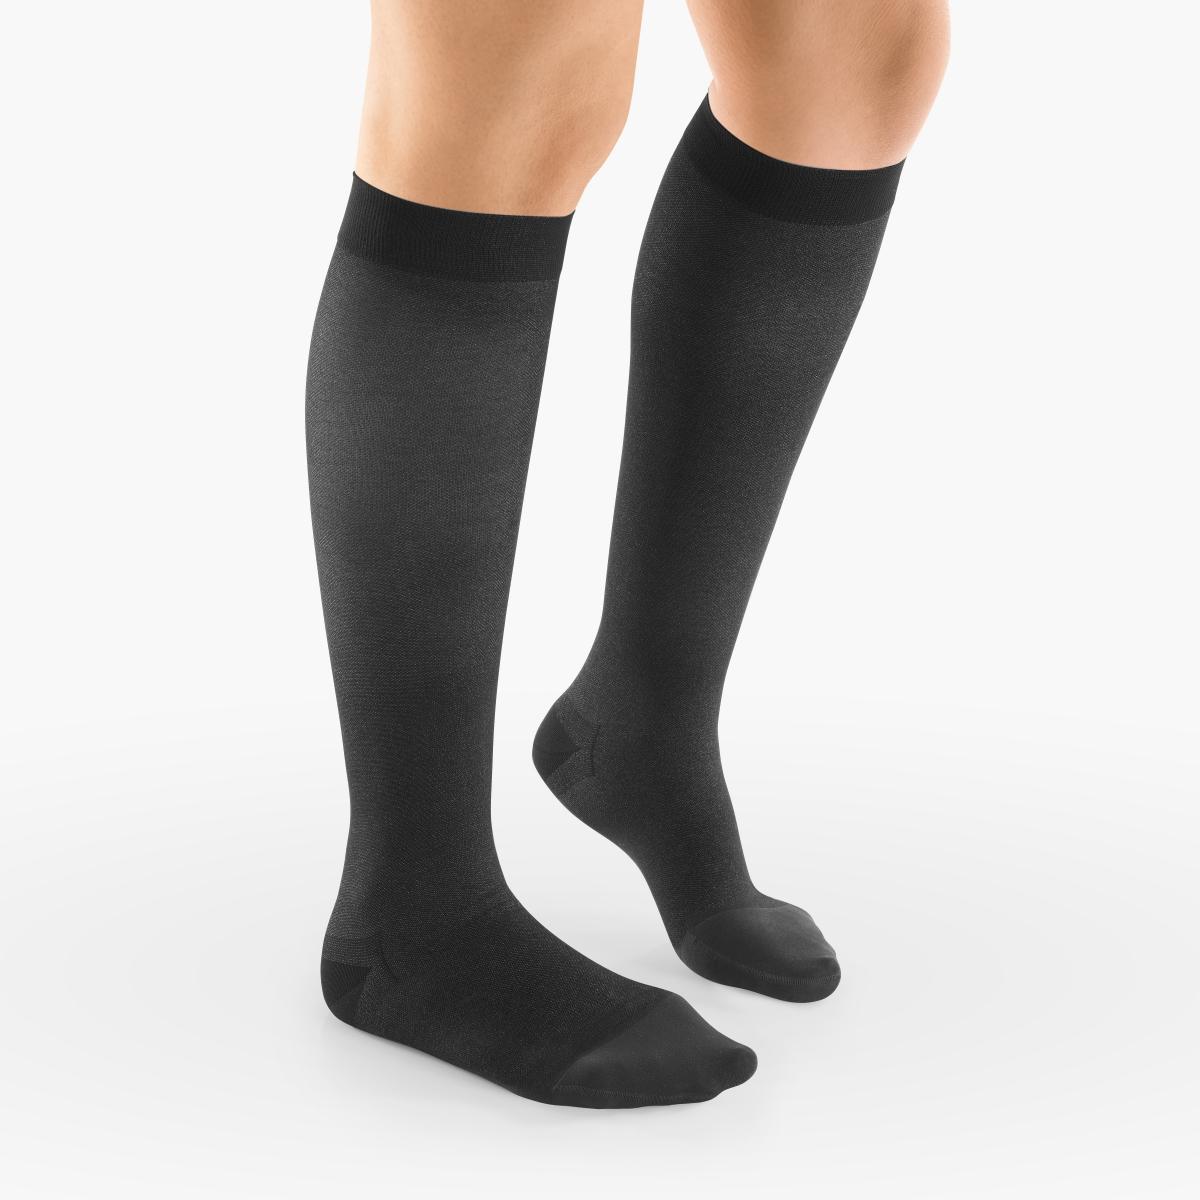 VENOSAN 5000 Below Knee, 20-30 Black, S, Closed Toe Firm 20-30 mmHg | Black | S |  | Closed Toe | Knit Top